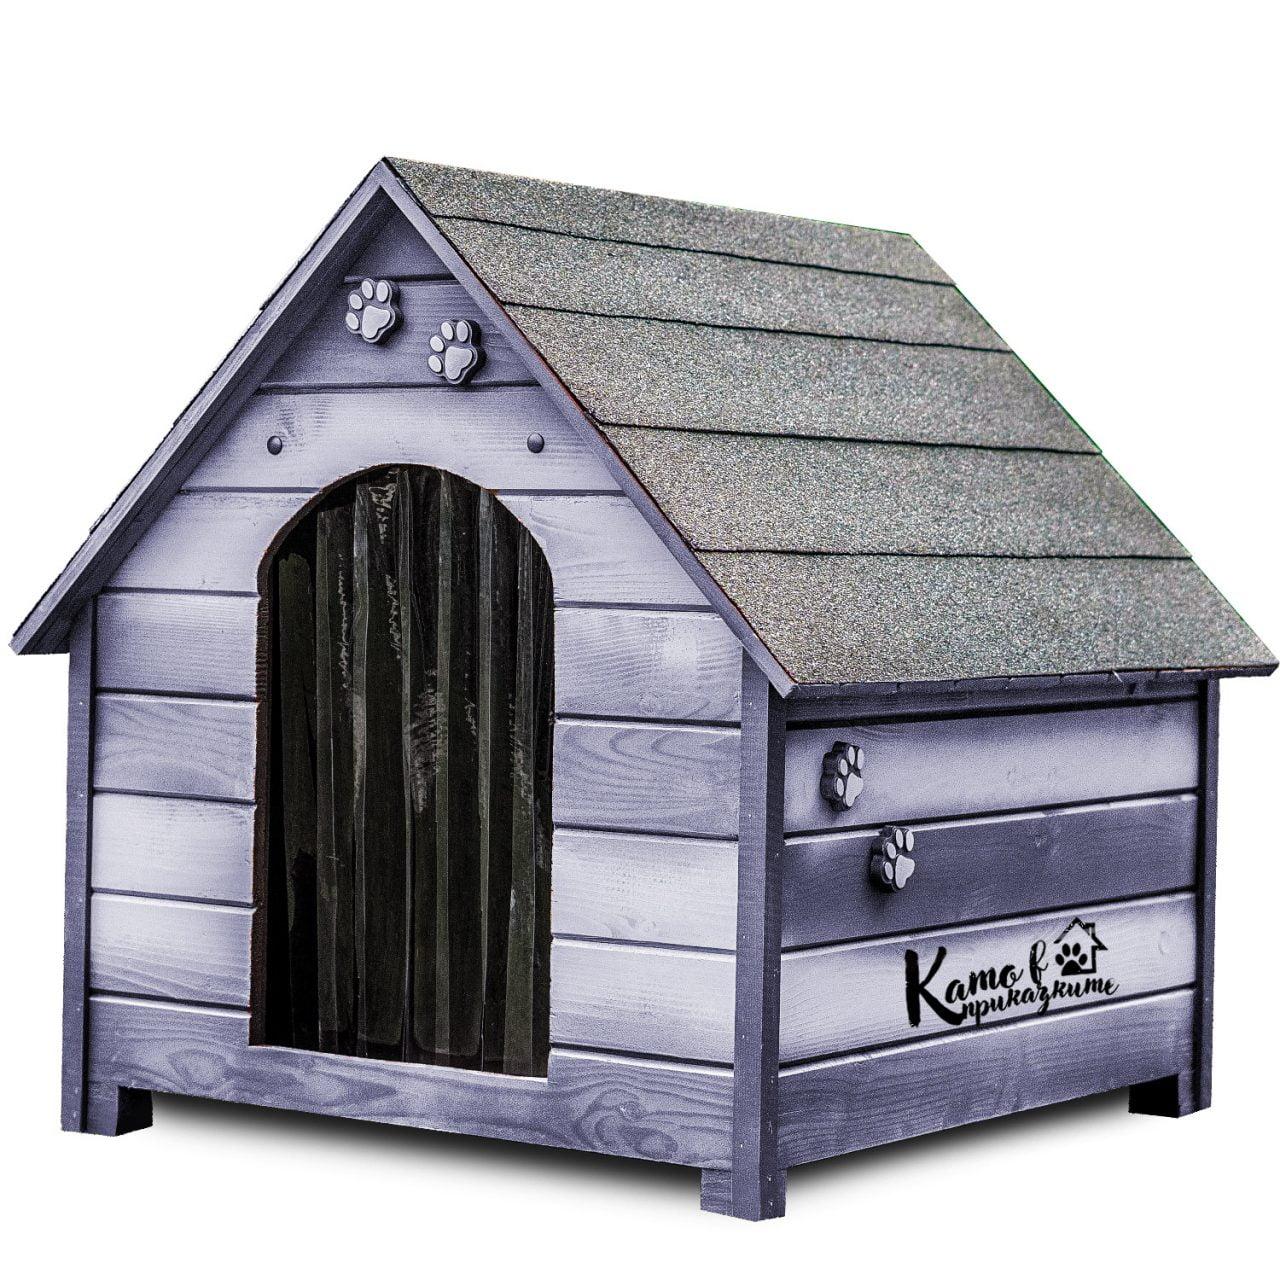 Къщичка за кучета - Като в Приказките